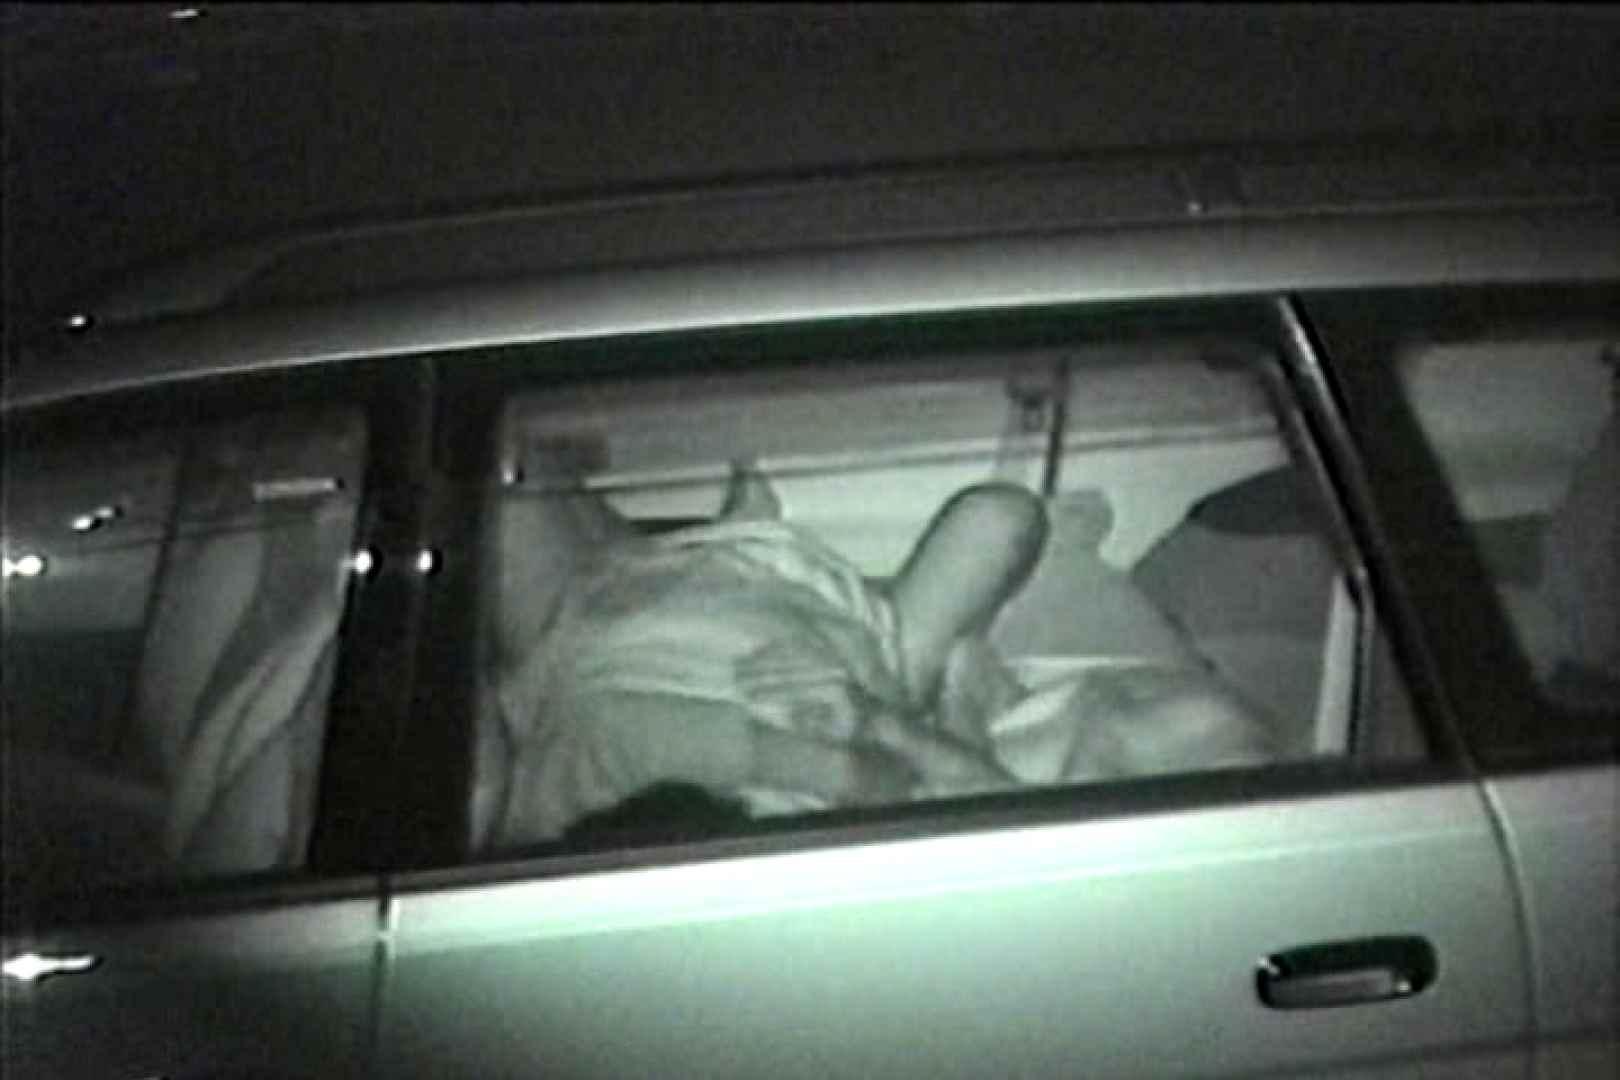 車の中はラブホテル 無修正版  Vol.7 カーセックス  59画像 40